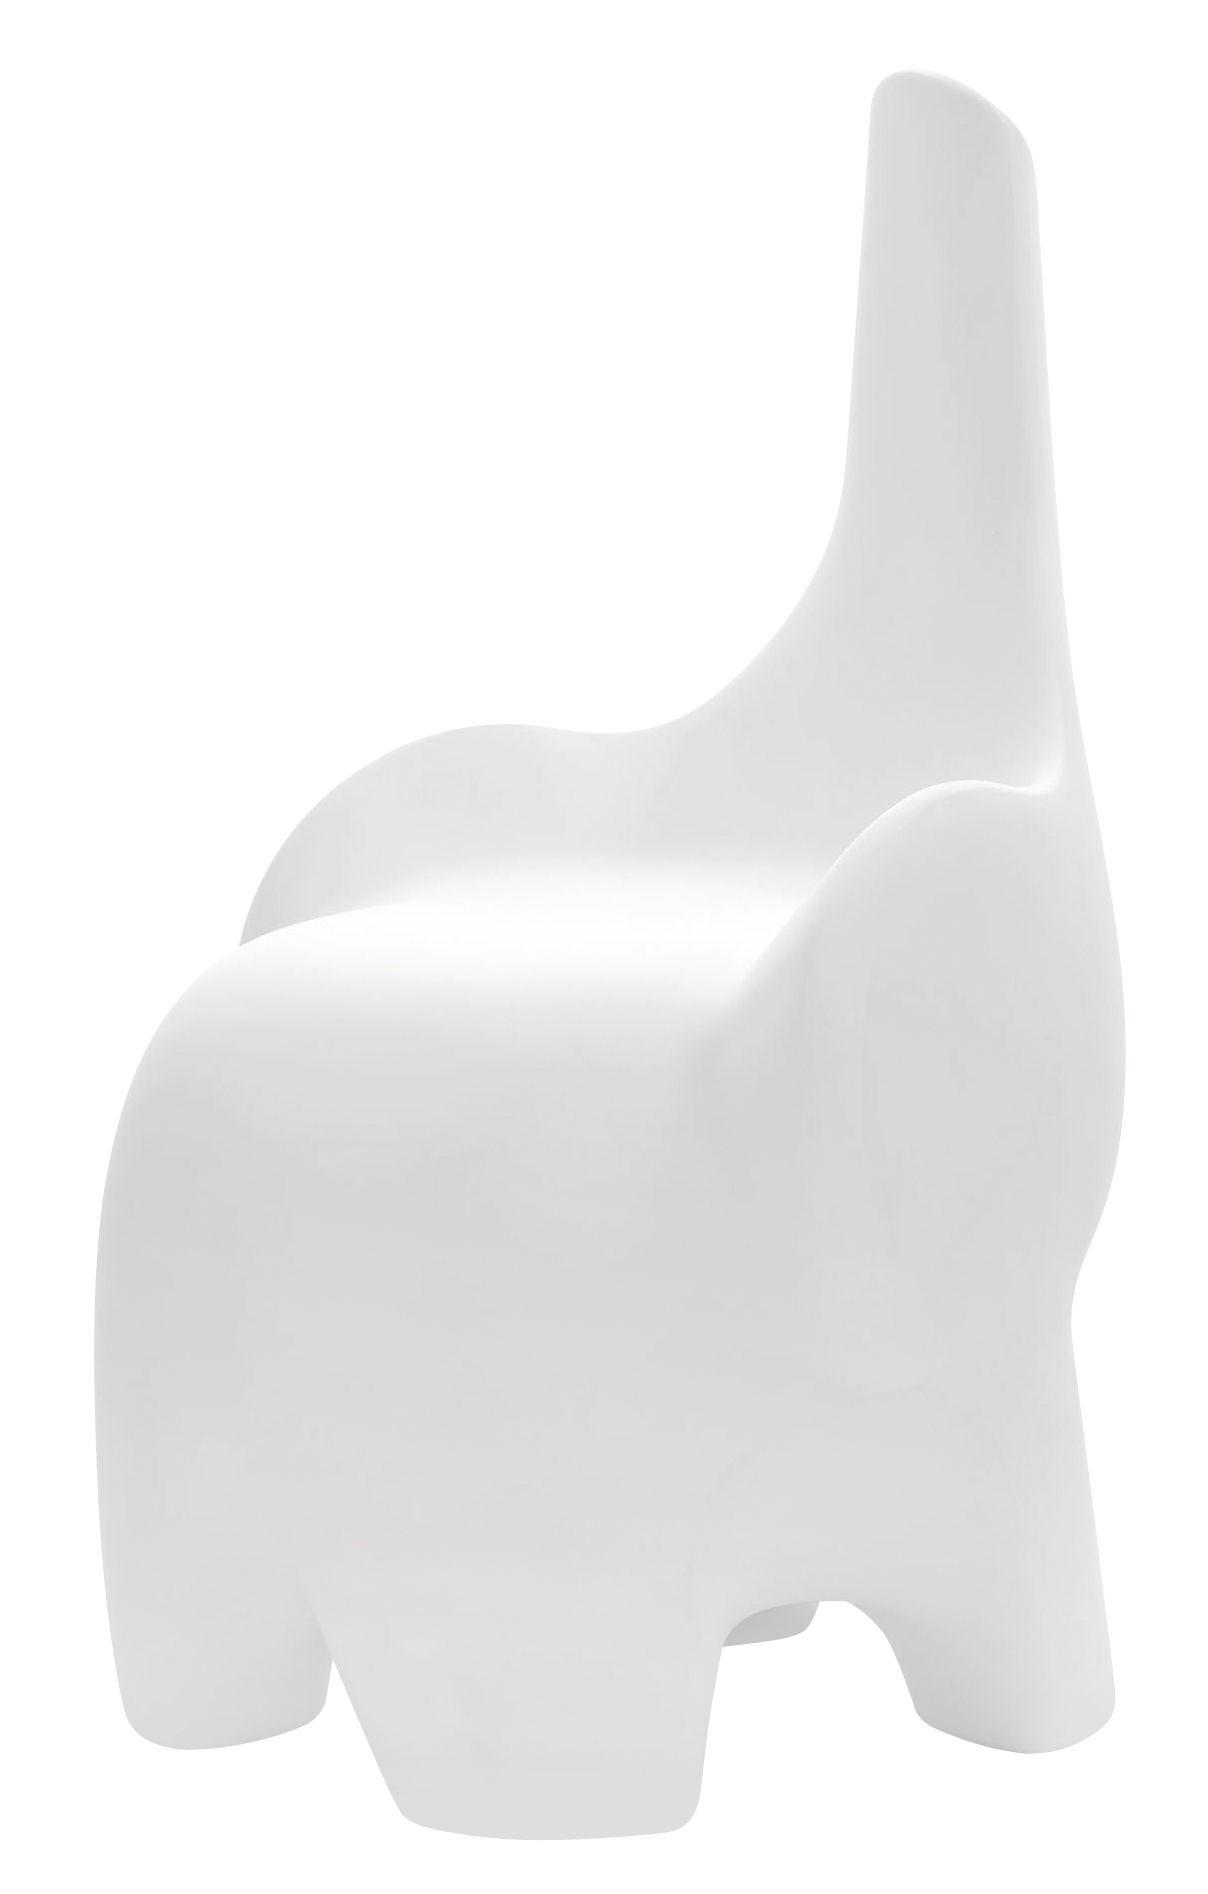 Mobilier - Mobilier Kids - Chaise enfant Tino lumineuse / Décoration - Extérieur - MyYour - Blanc - Plastique Poleasy ®